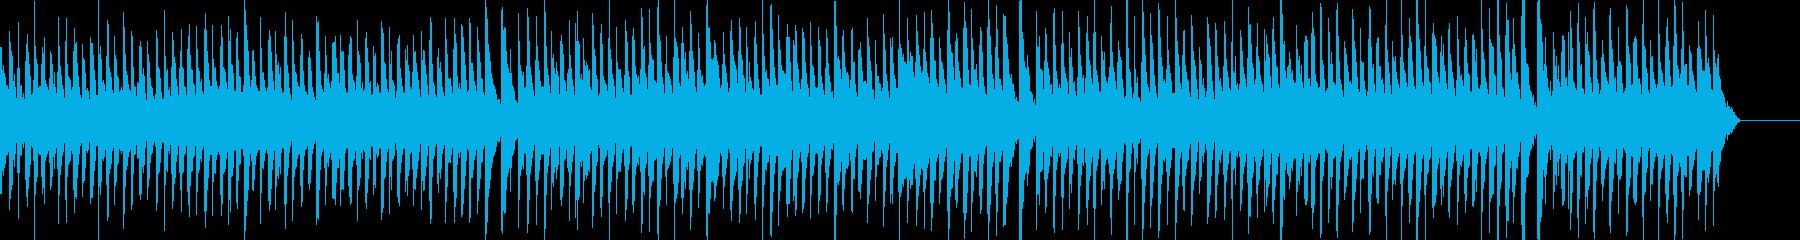 気まぐれな、気まぐれなオーケストレ...の再生済みの波形